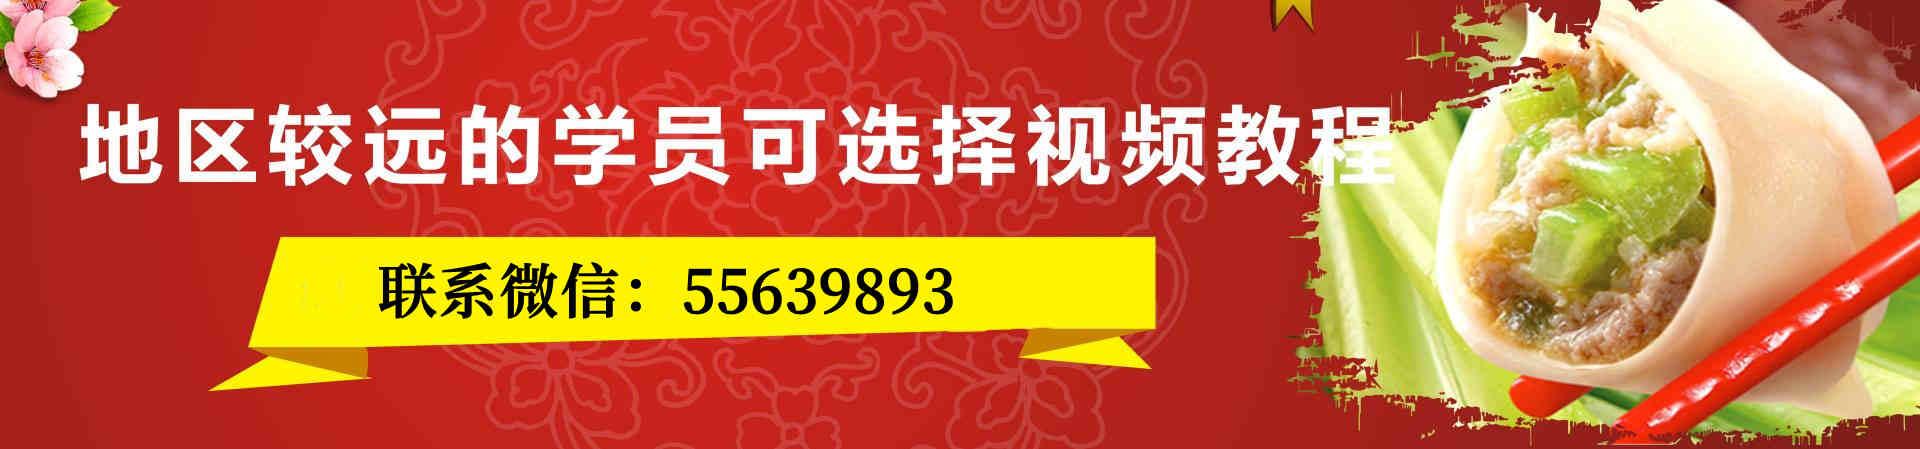 饺子培训图片